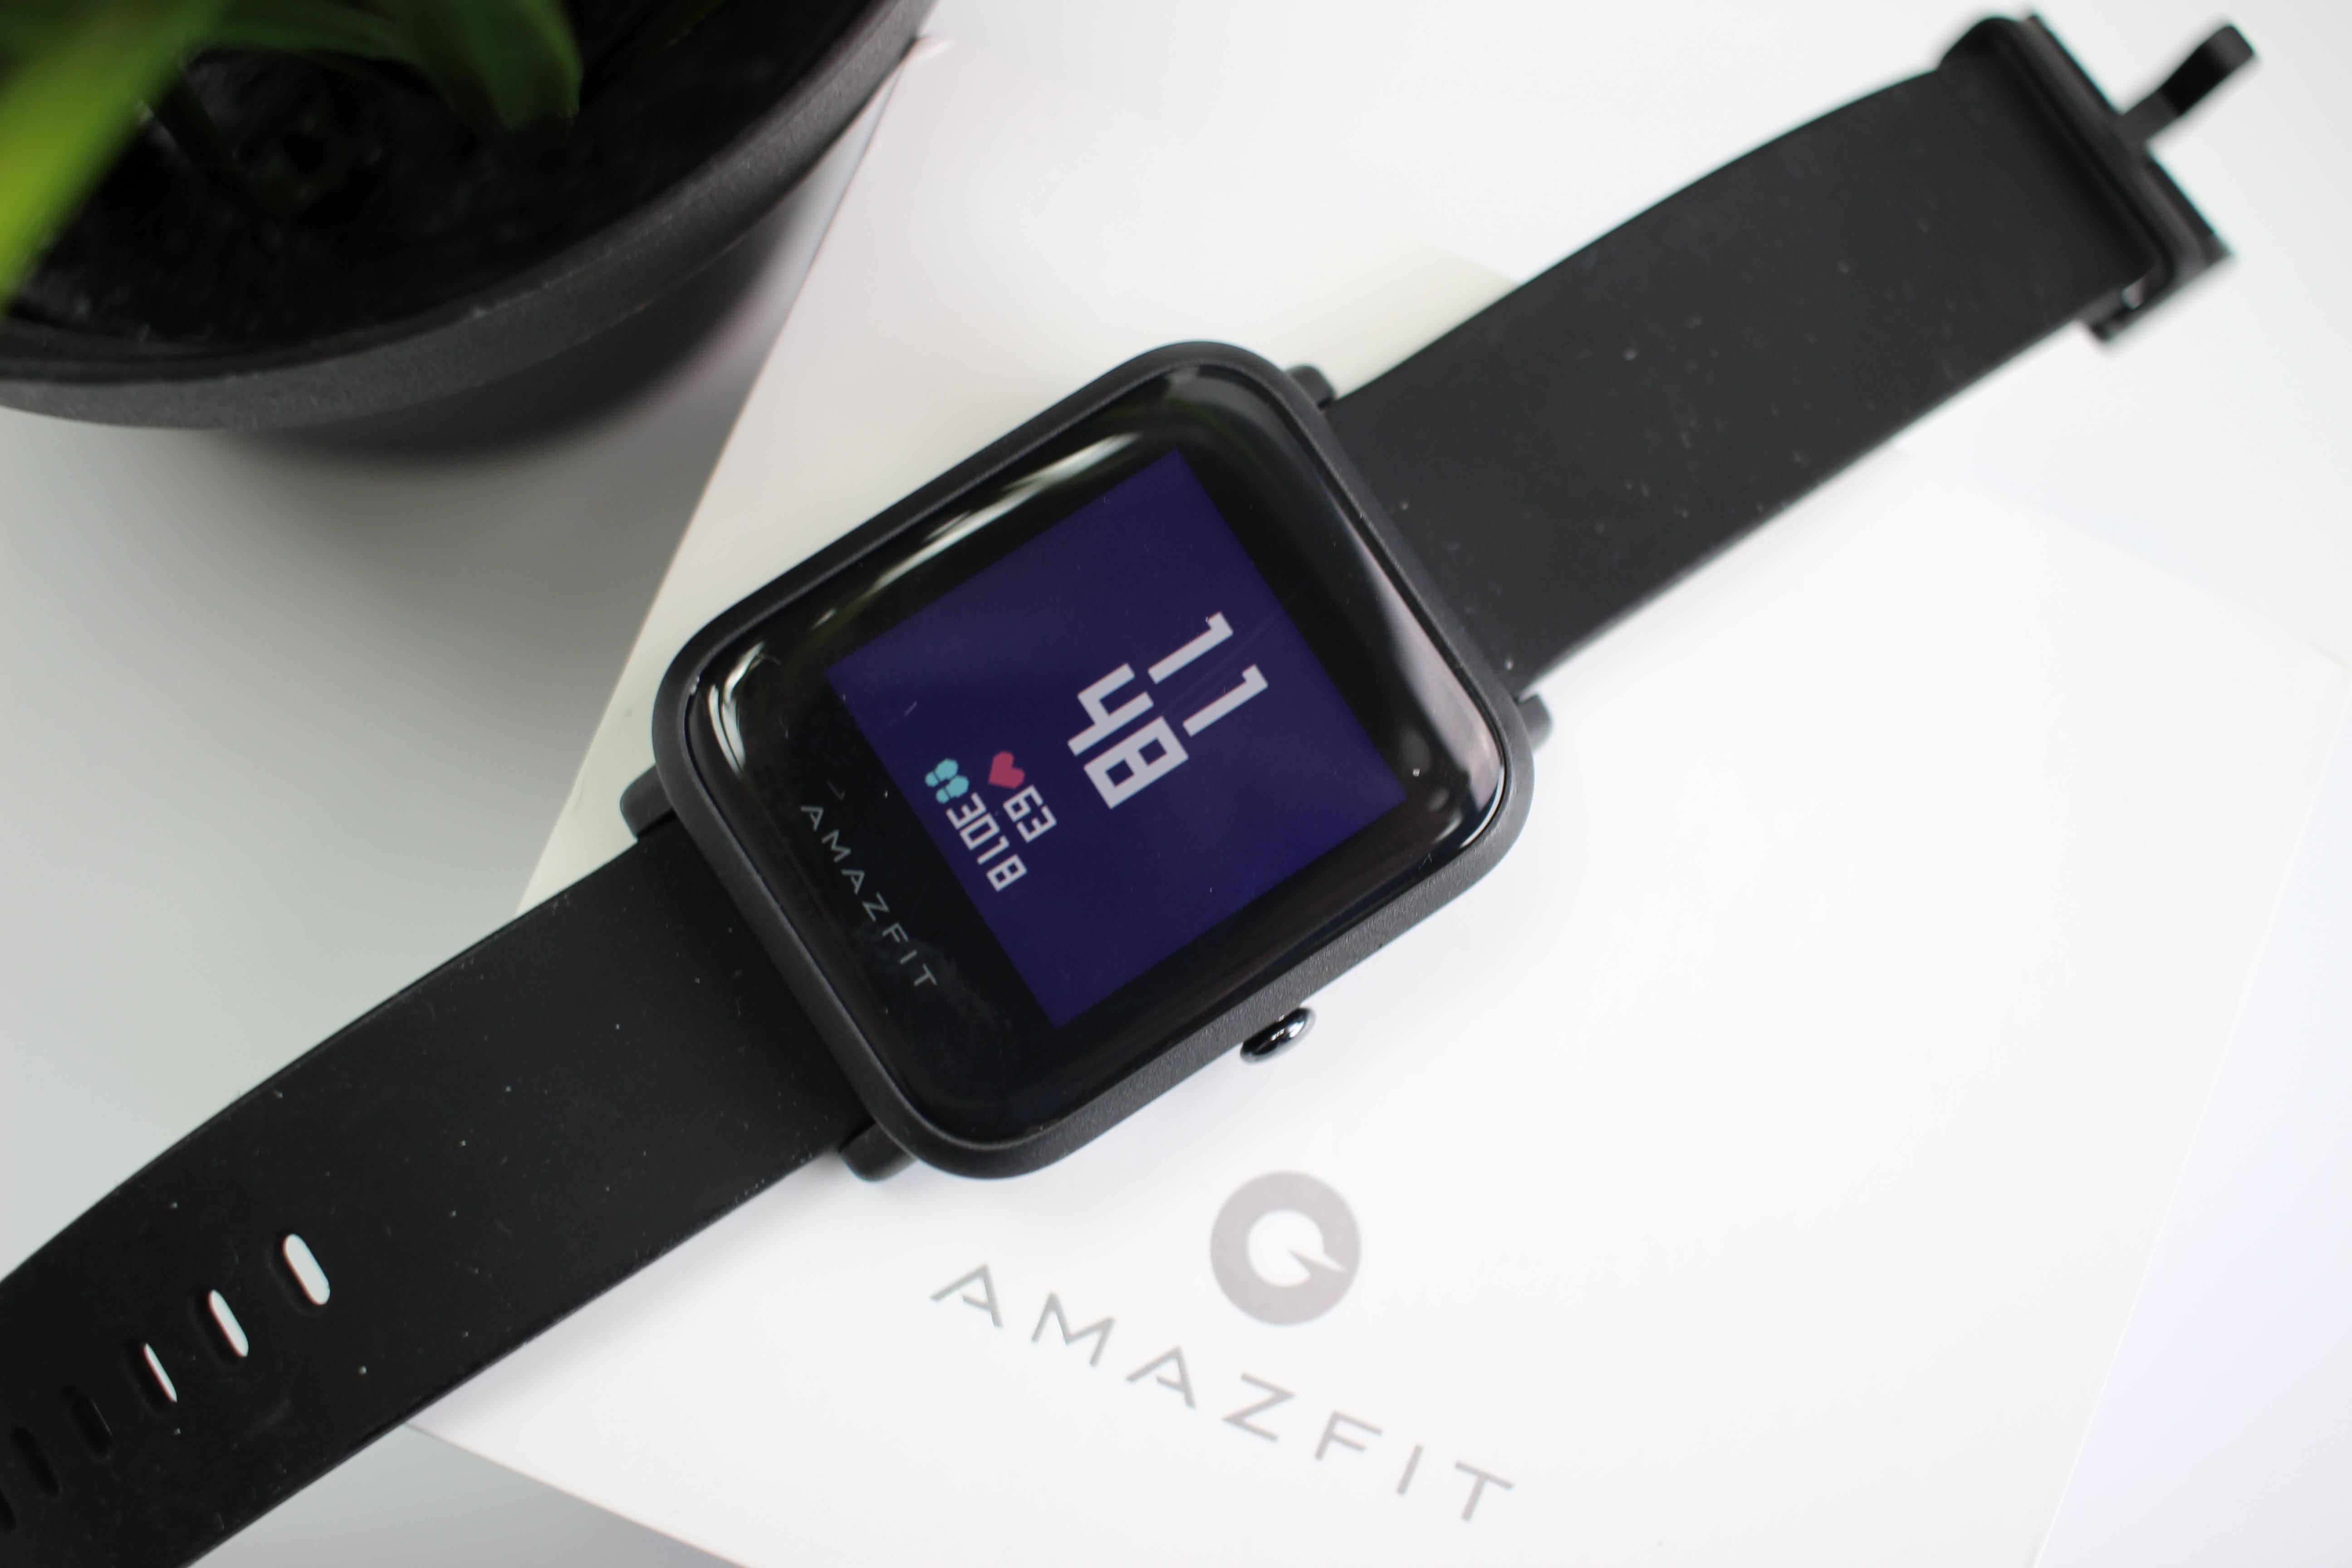 Huami Amazfit Bip: Sport-Smartwatch im Applewatch Design im Test